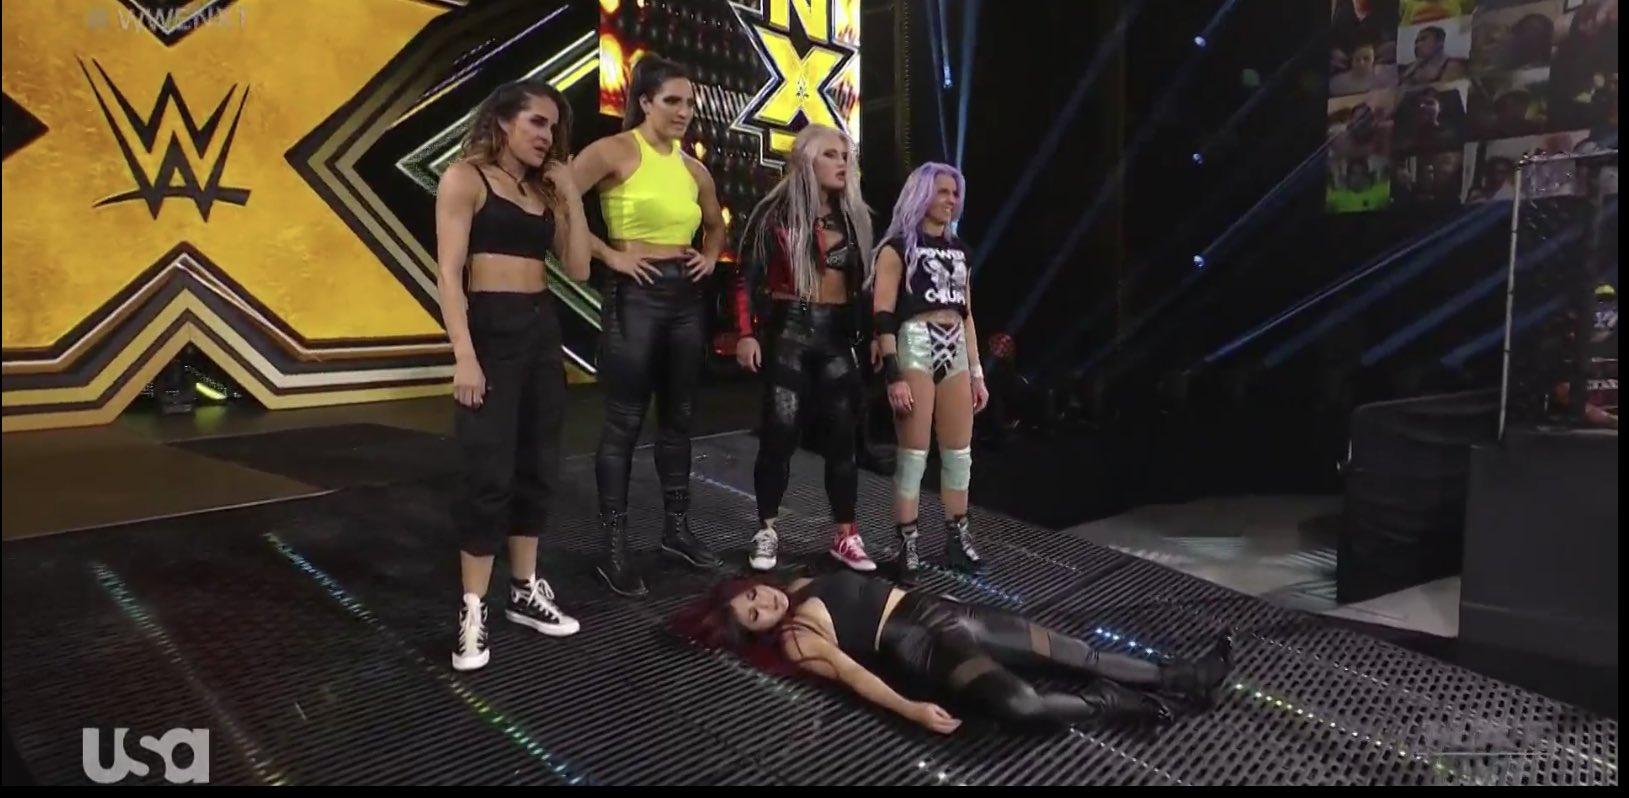 Candice LeRae, Toni Storm, Raquel González and Dakota Kai attacked Io Shirai